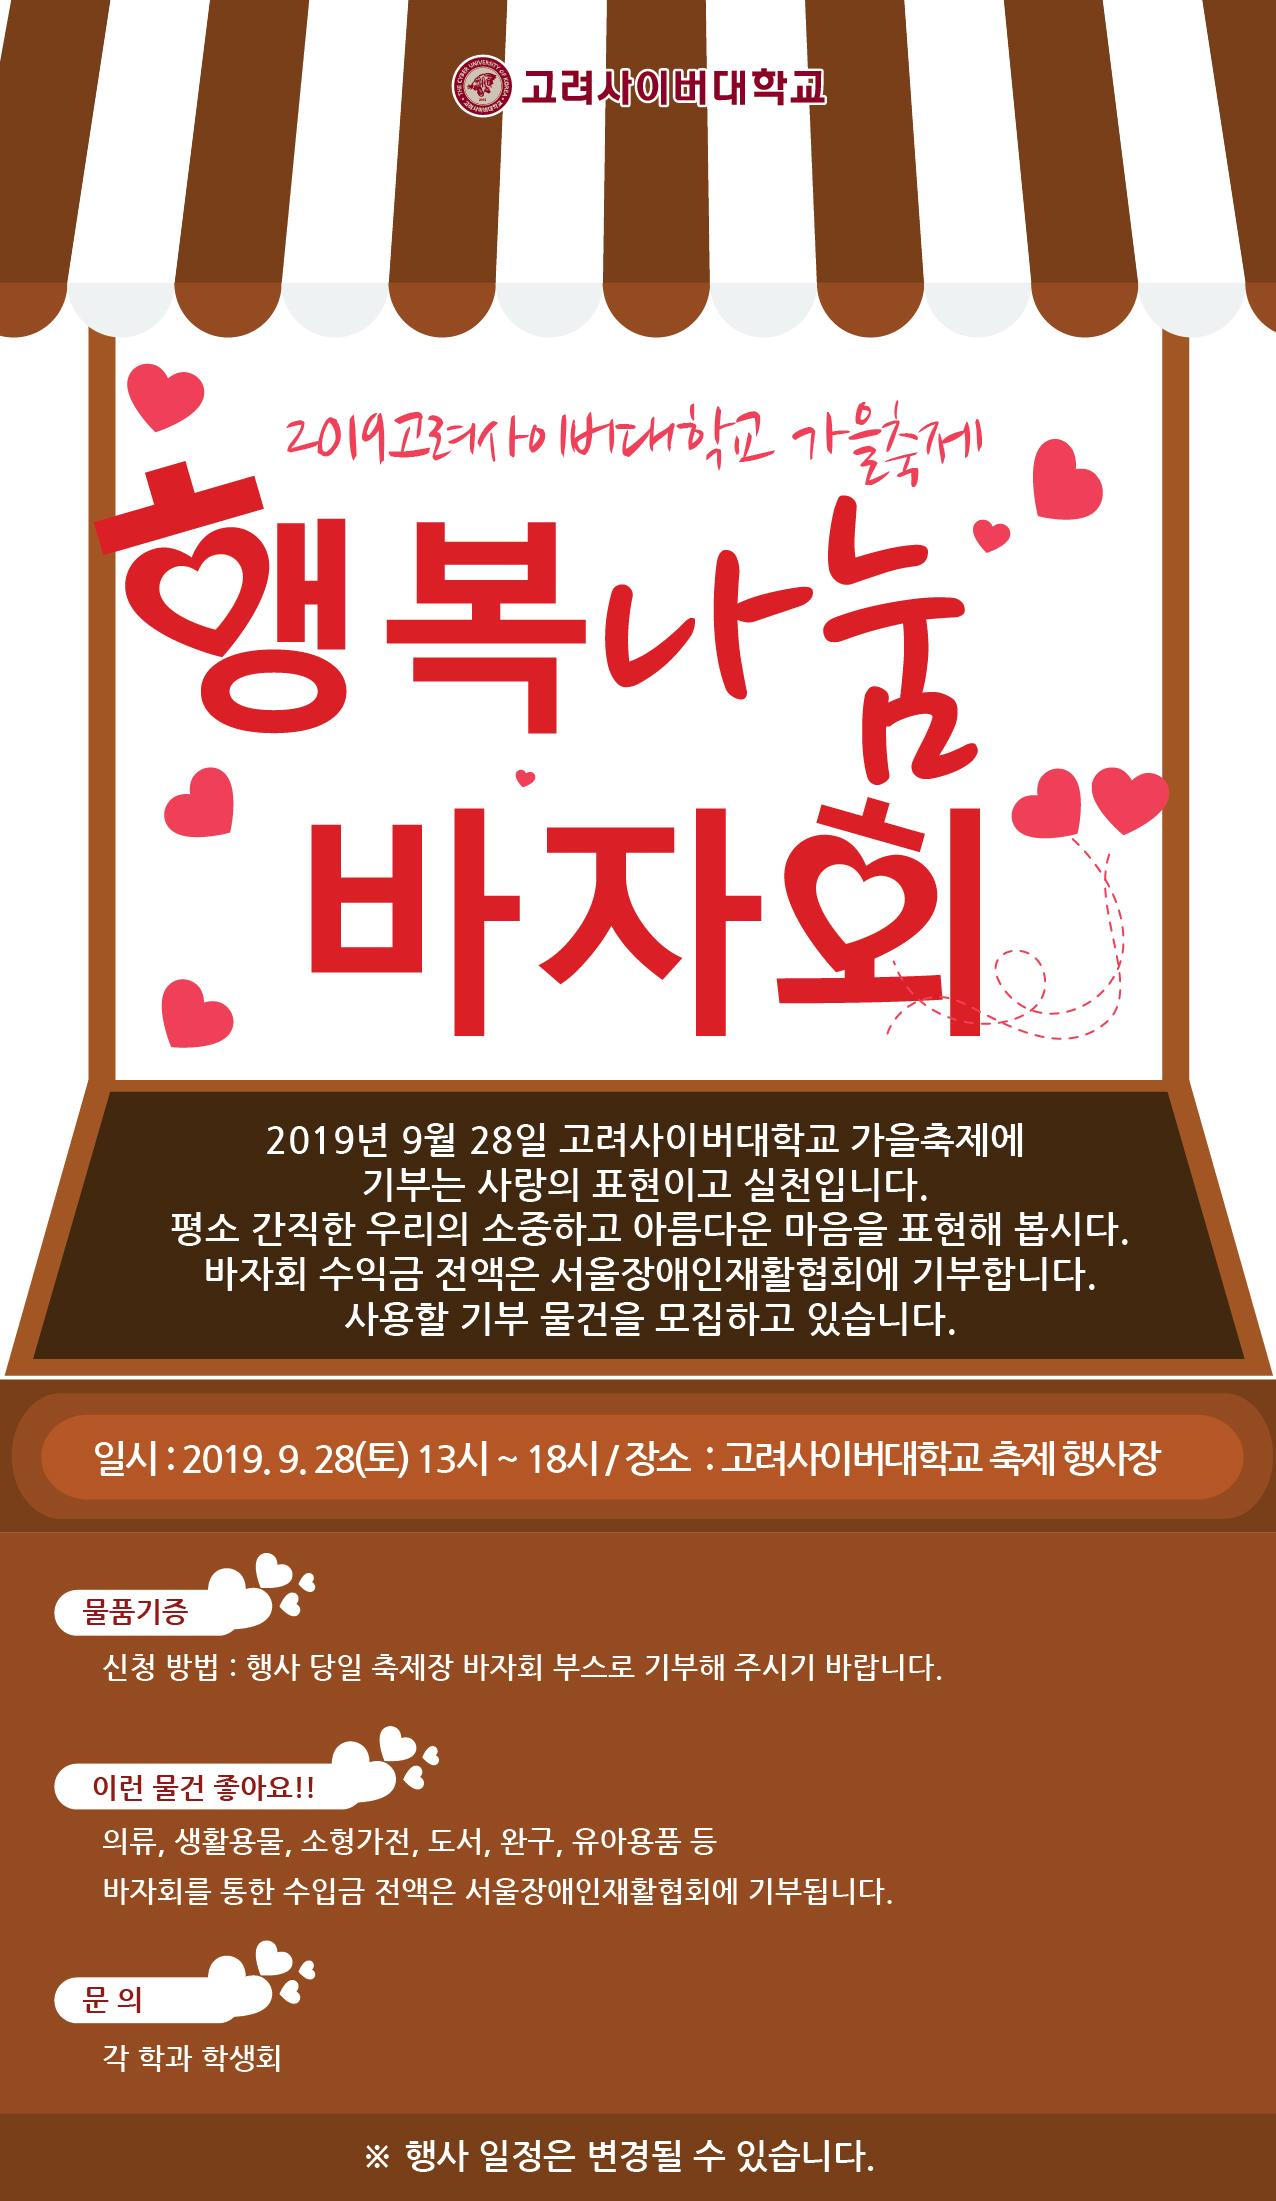 2019년 고려사이버대학교 가을축제 개최 안내